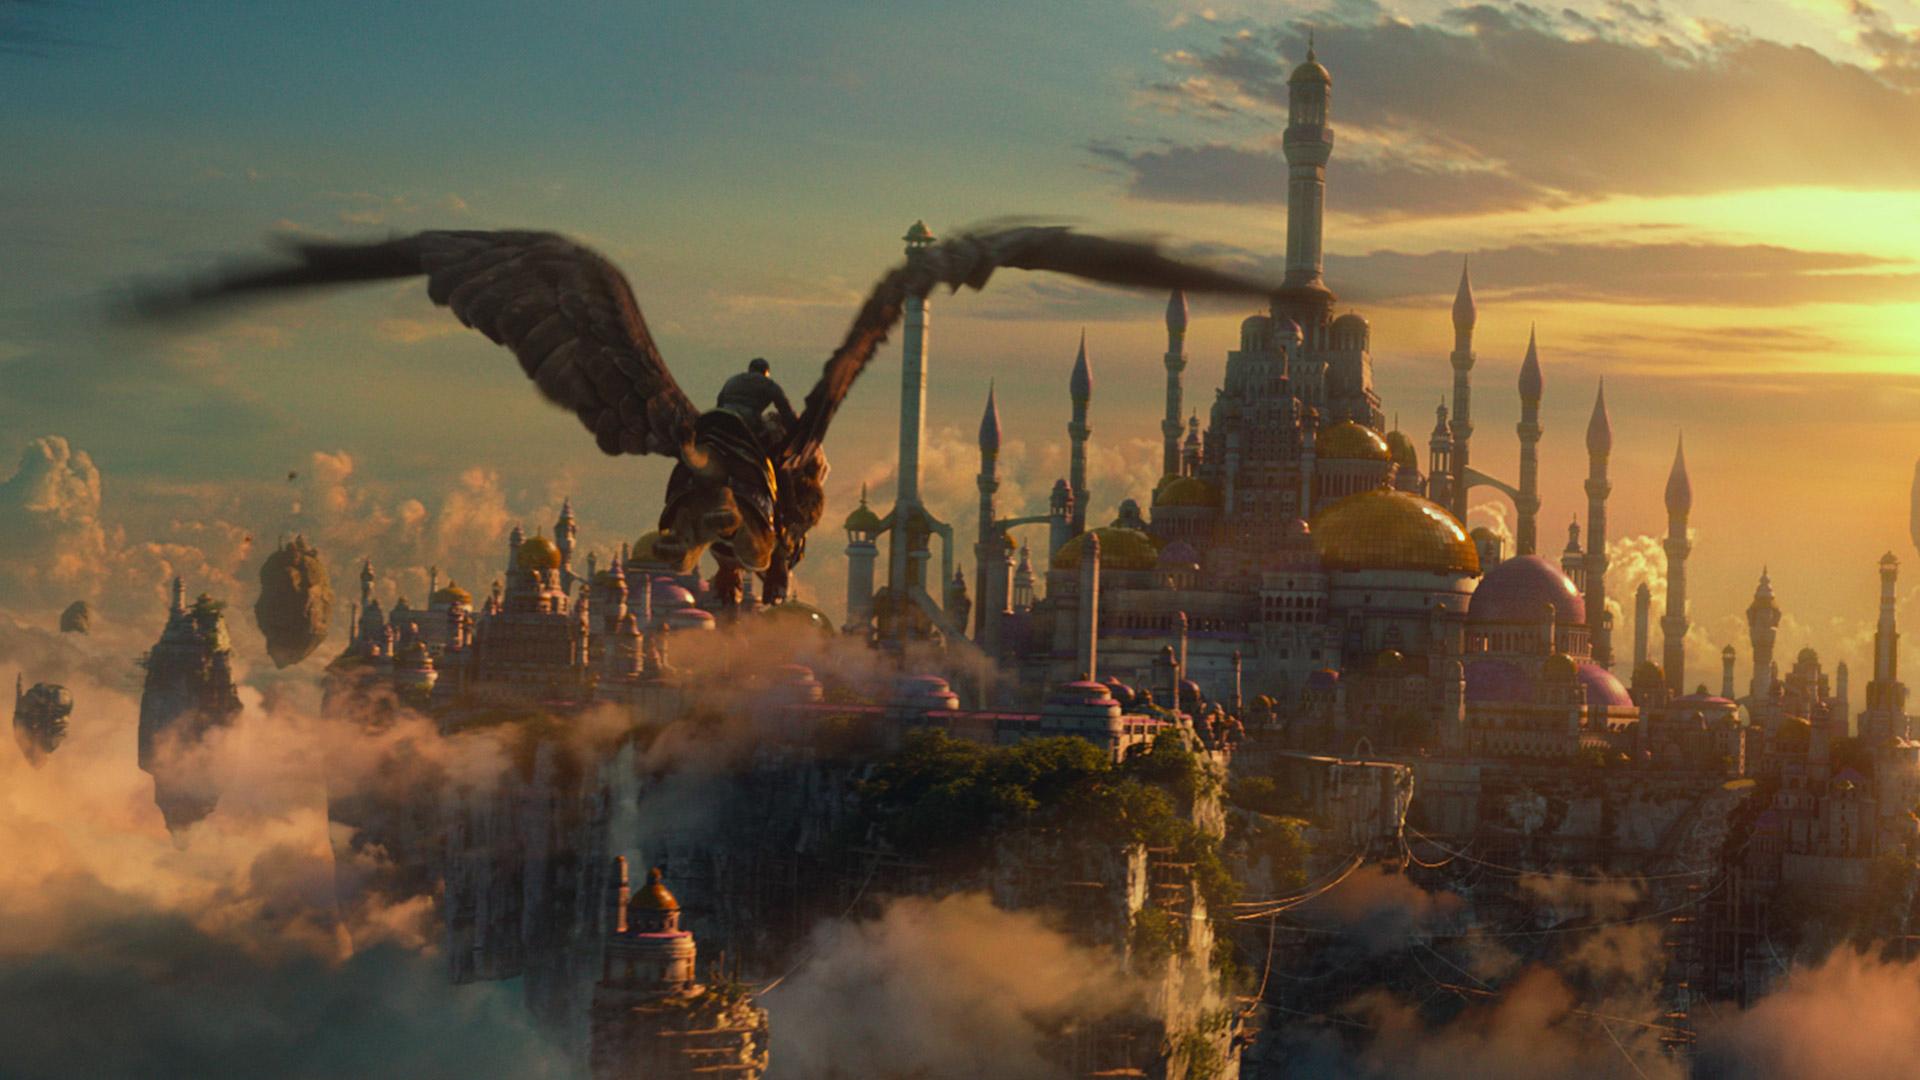 Warcraft-Film – Regisseur Duncan Jones ist stolz und wütend zugleich